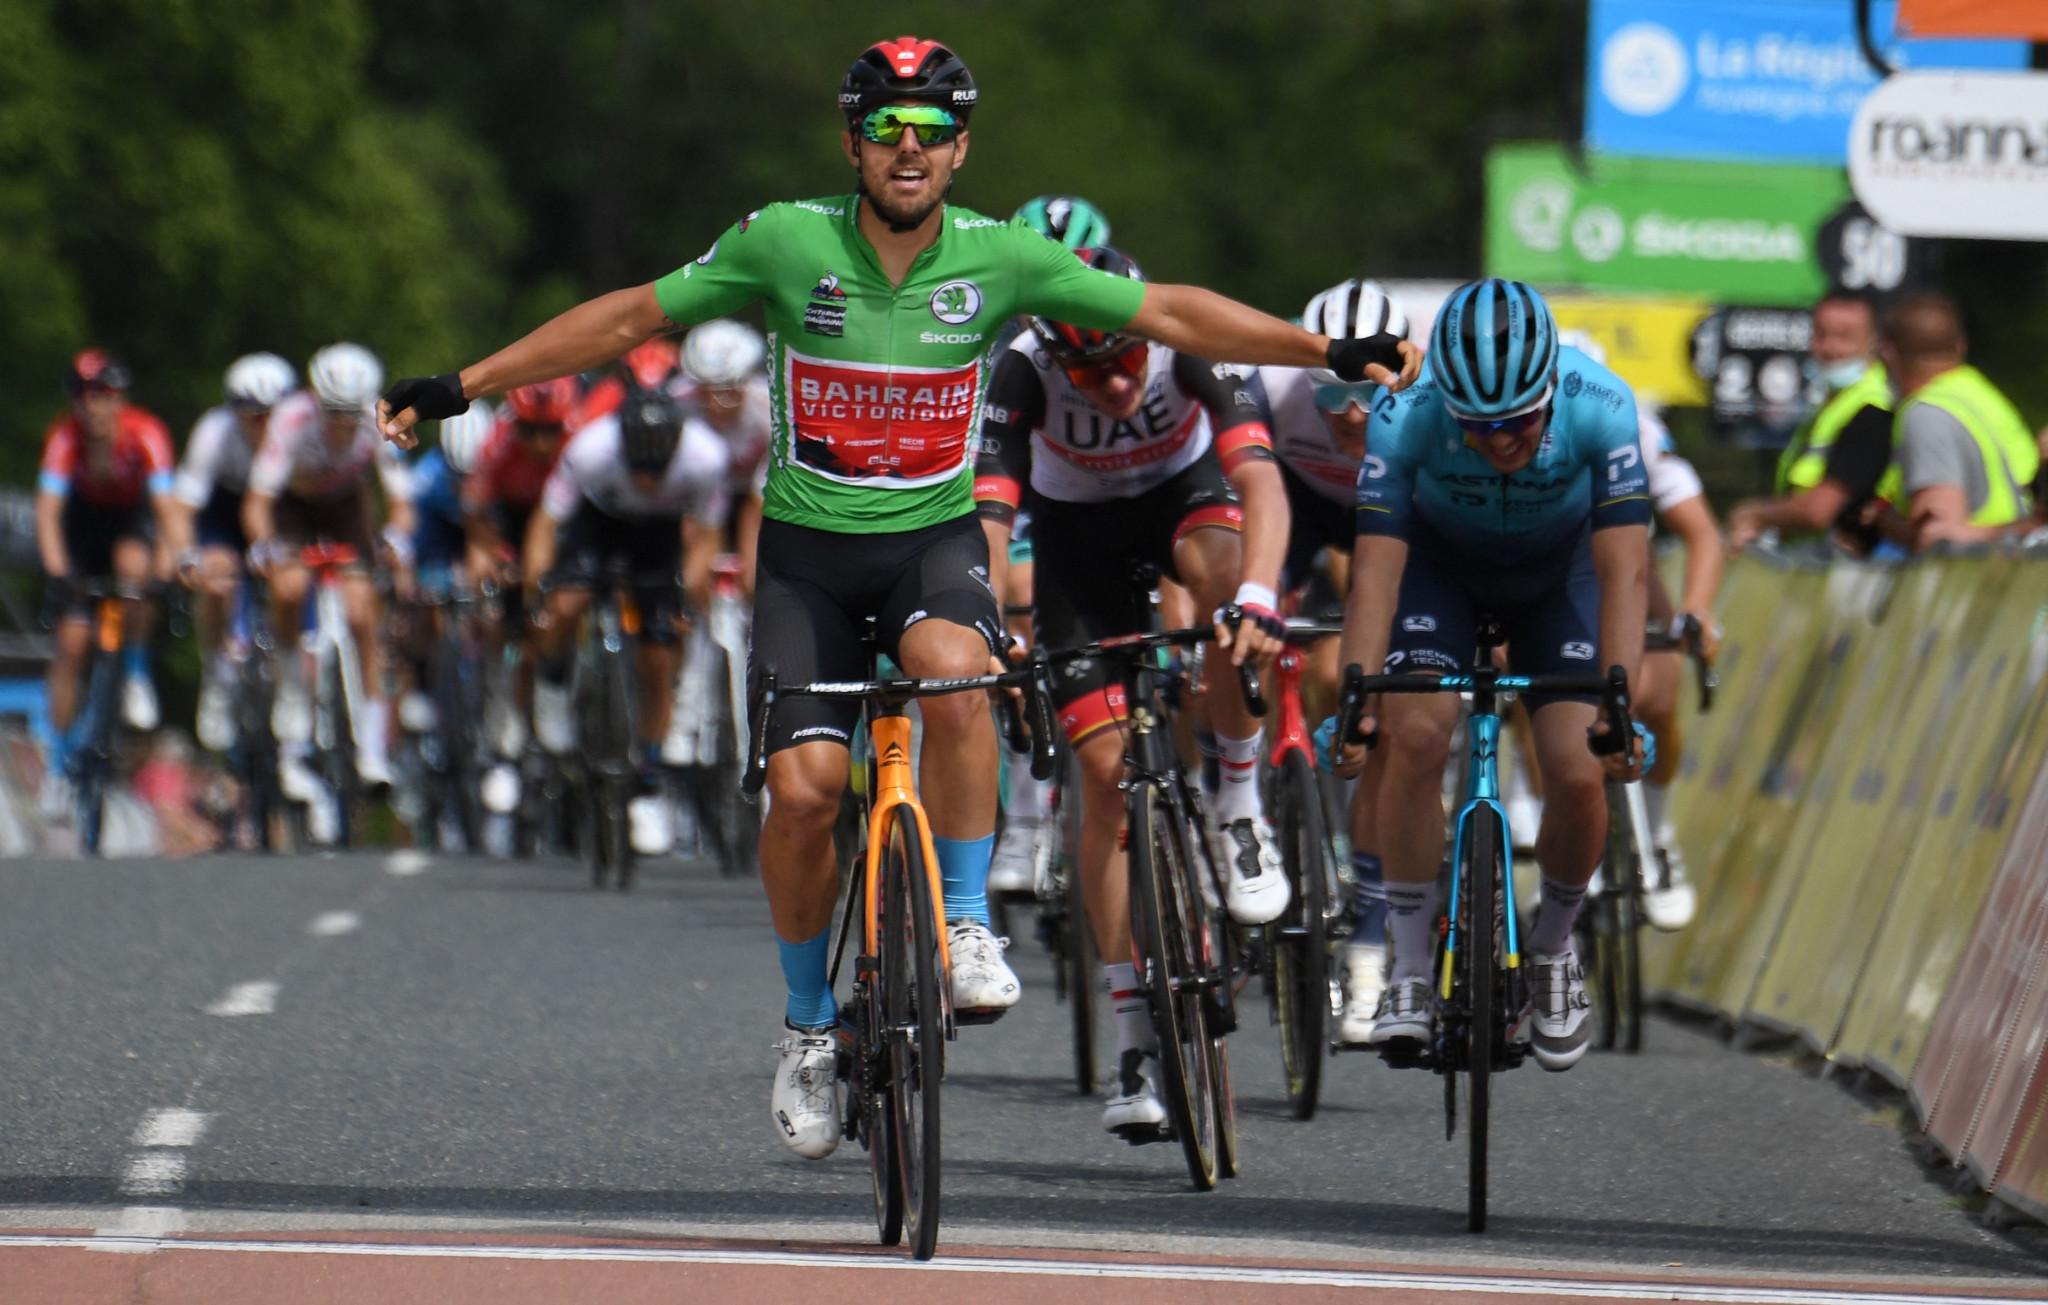 Colbrelli wins Critérium du Dauphiné stage at third attempt